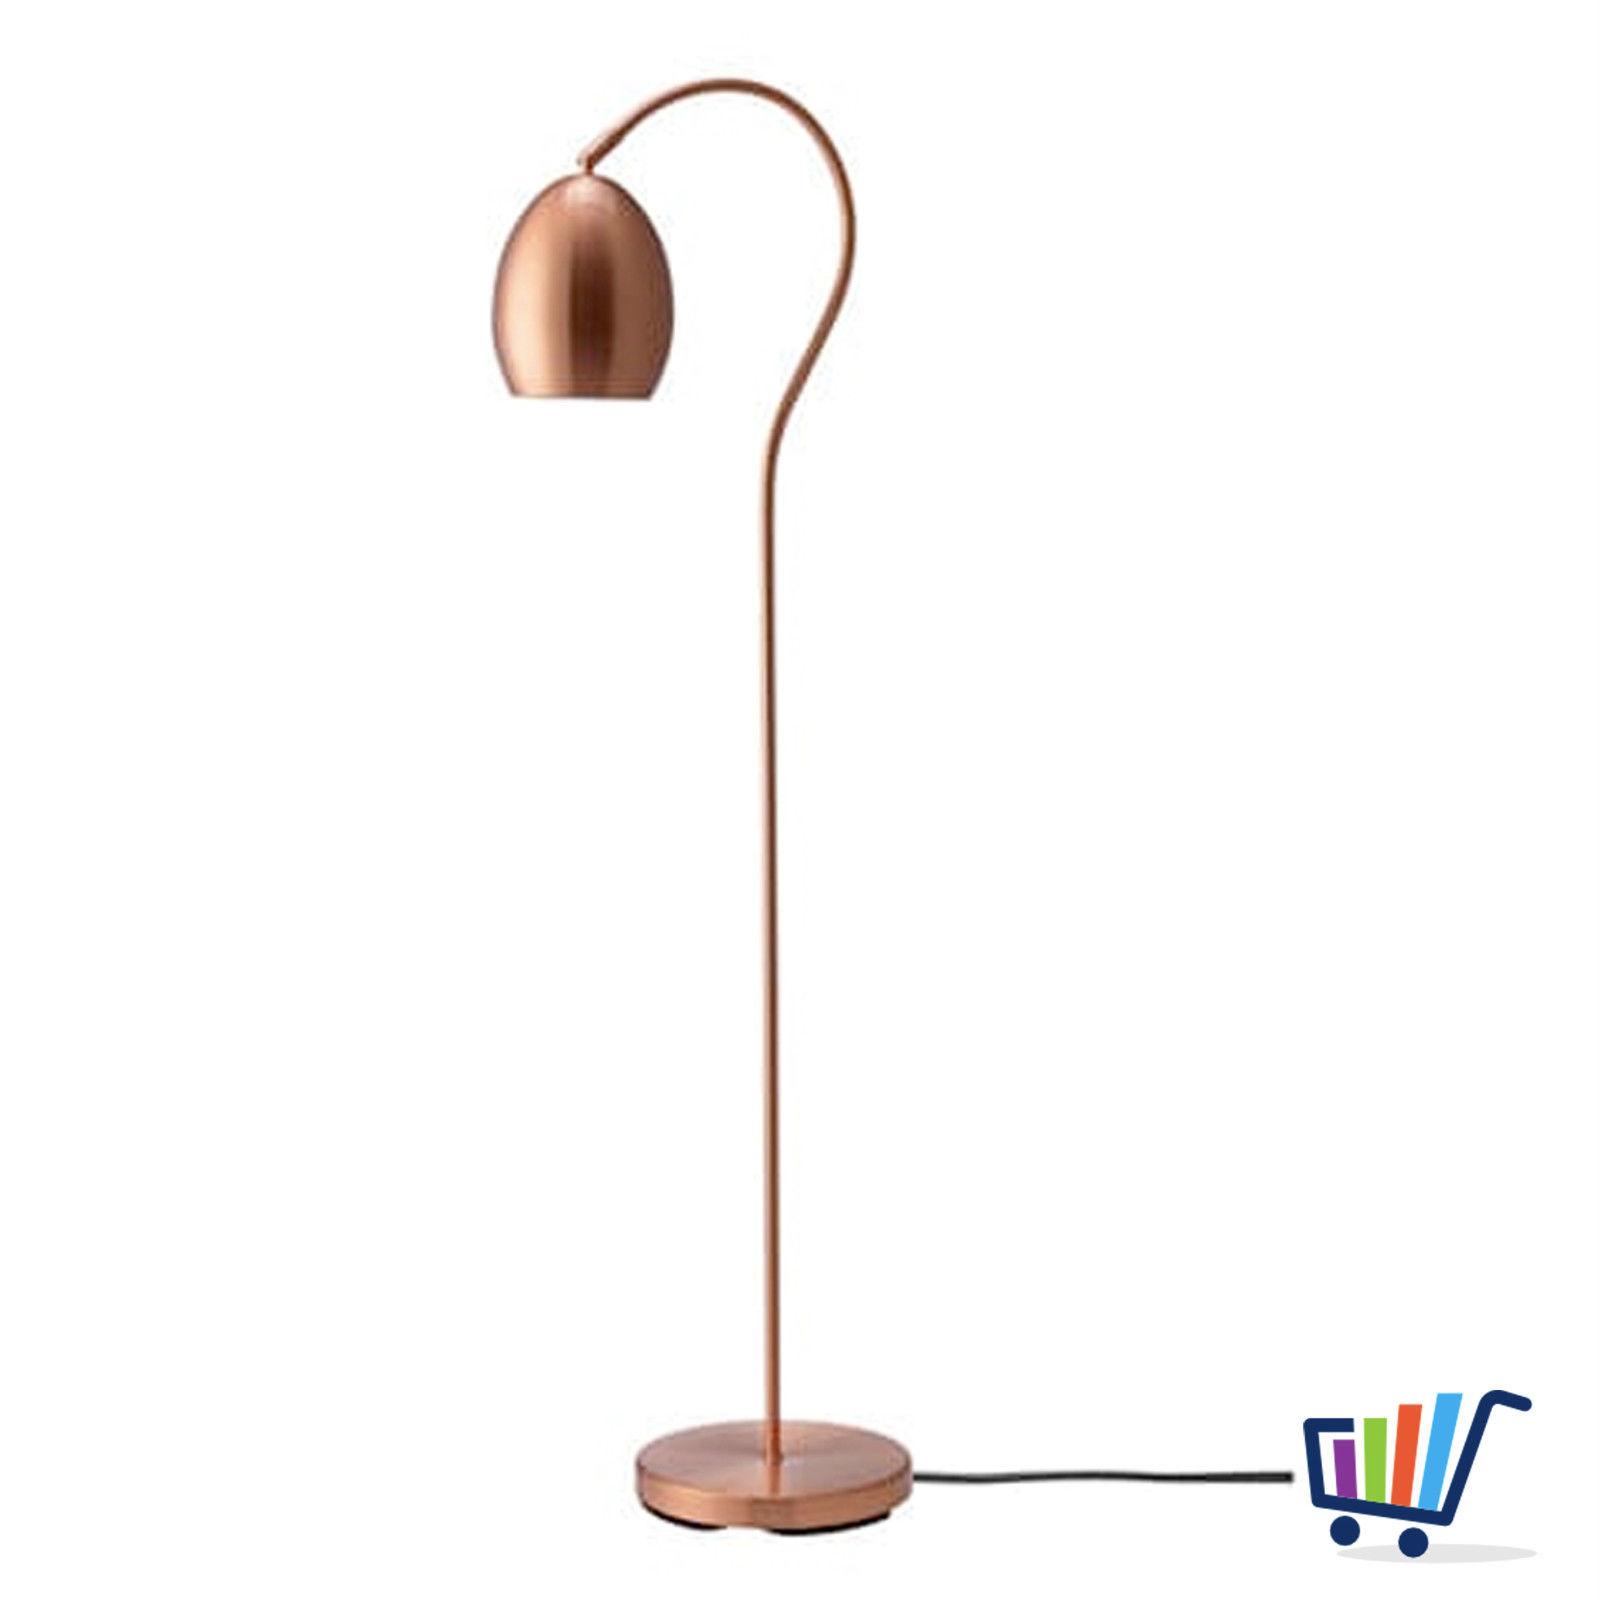 Lampen Ikea Schlafzimmer. Bettwäsche Weihnachten